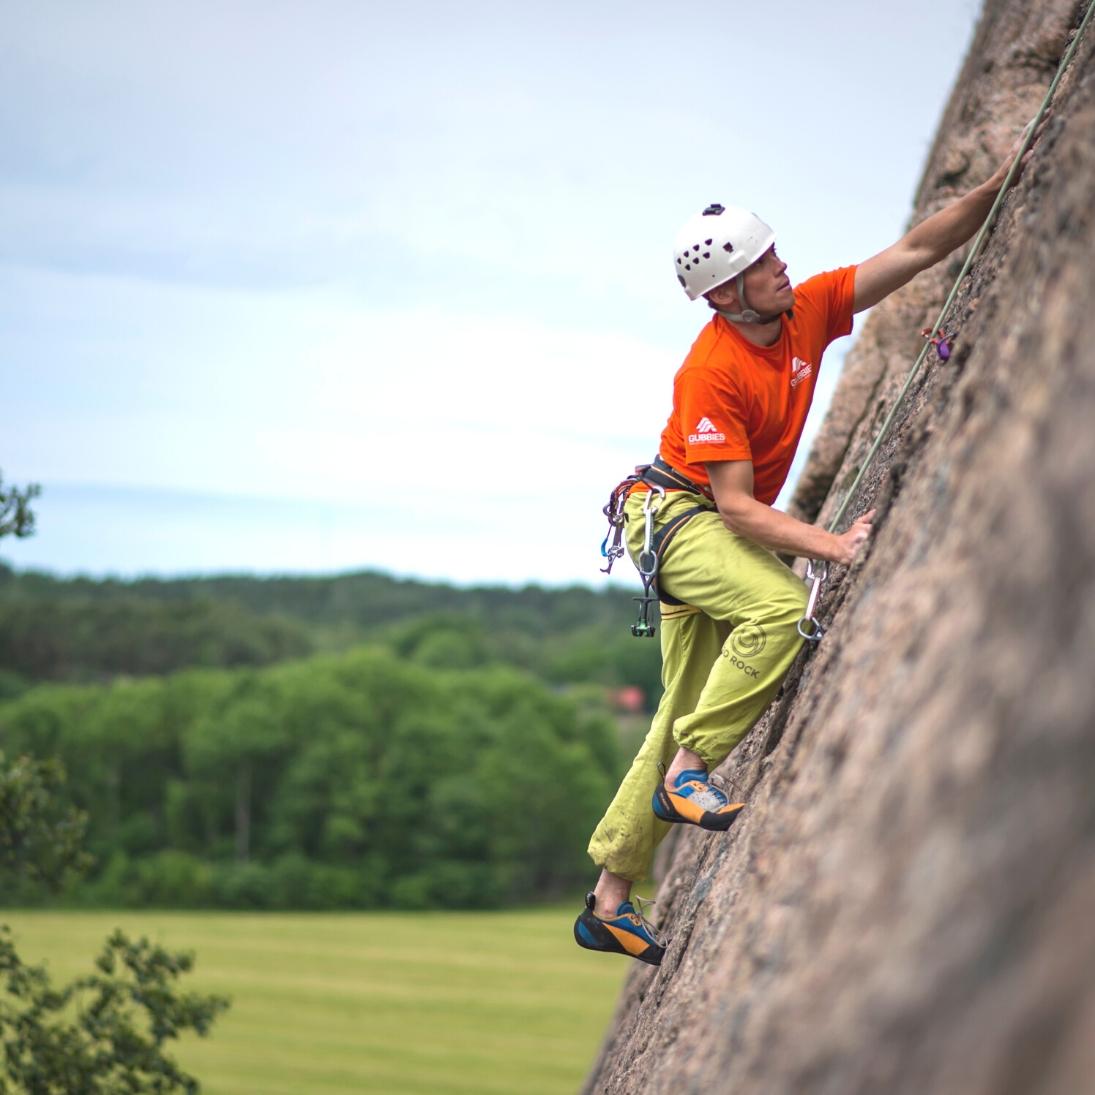 5 populære klatresteder tæt på Danmark, som du bare SKAL besøge